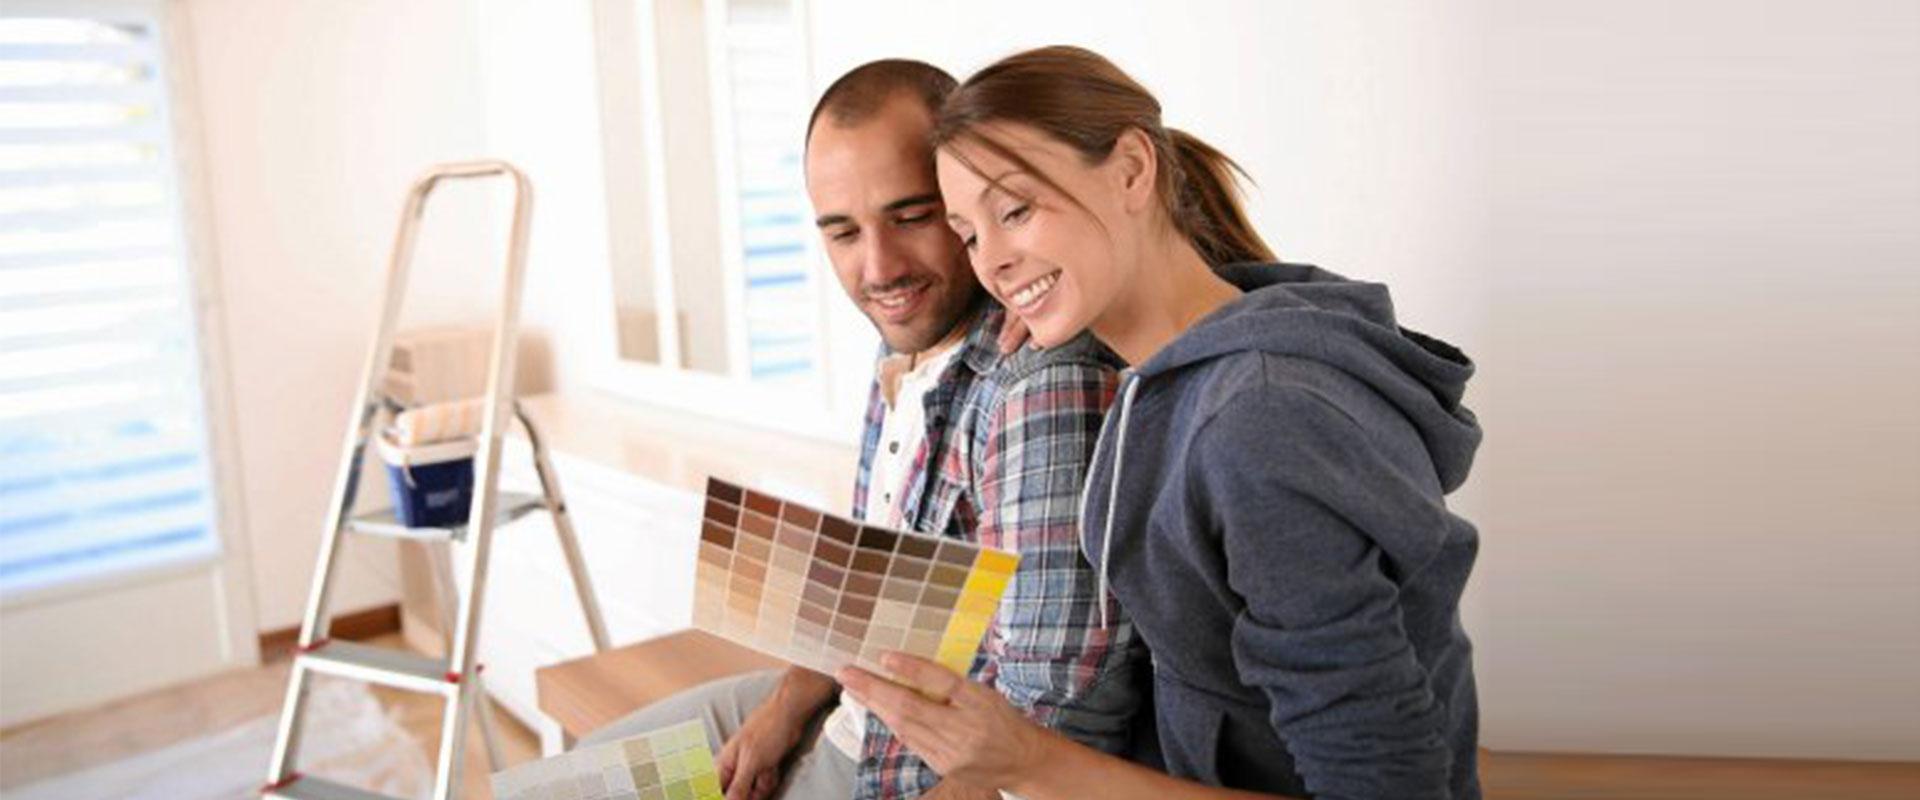 Cómo elegir los colores para pintar tu habitación